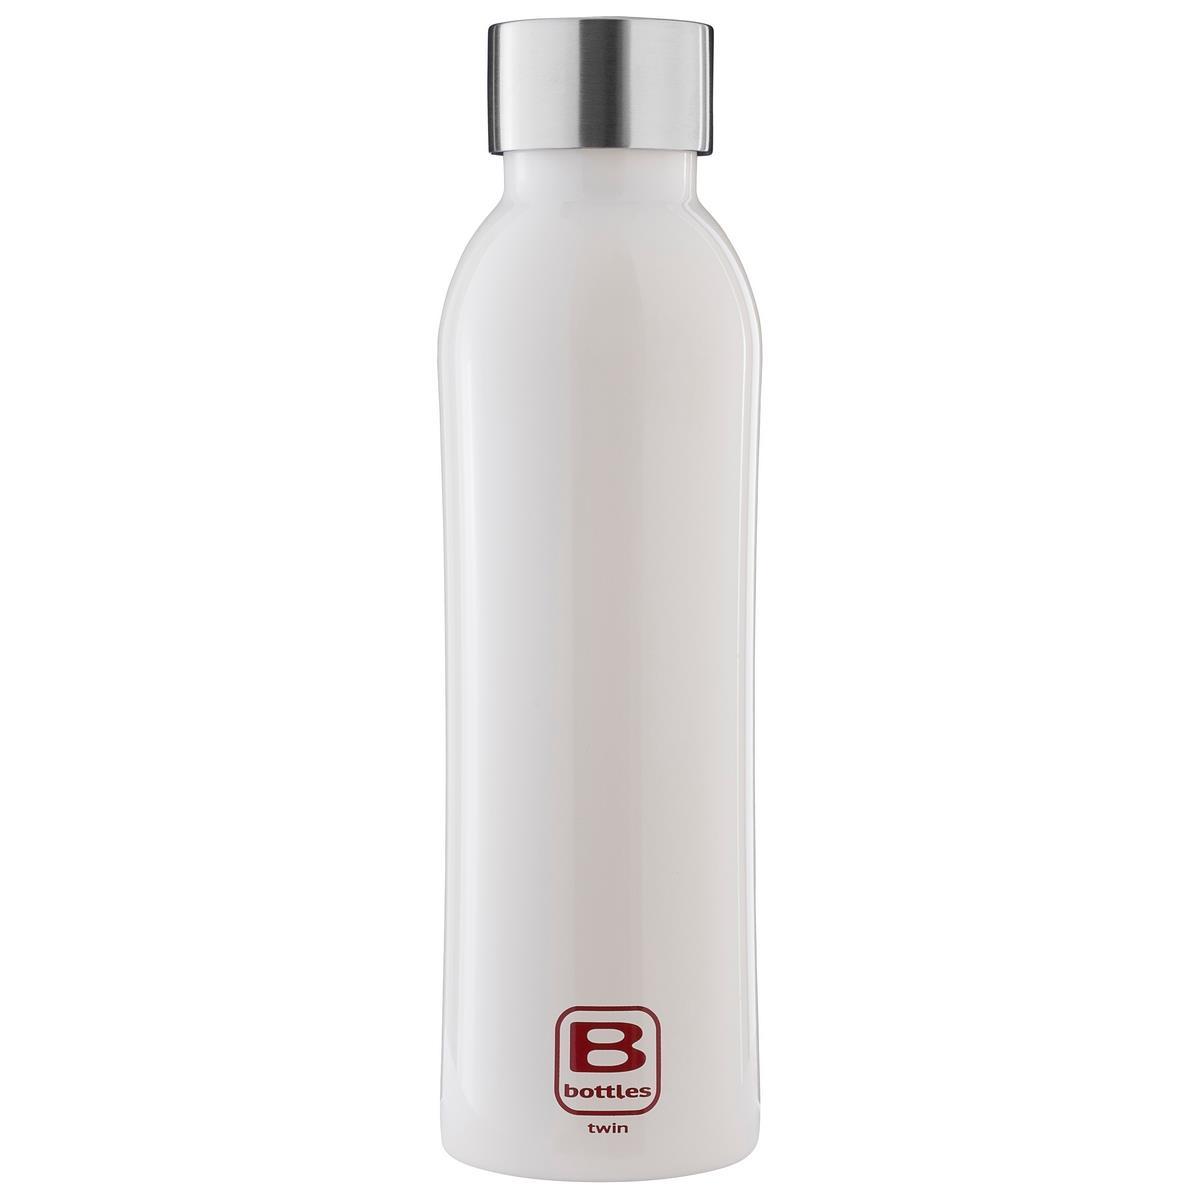 B Bottles Twin - Bianco Bright - 500 ml - Bottiglia Termica a doppia parete in acciaio inox 18/10